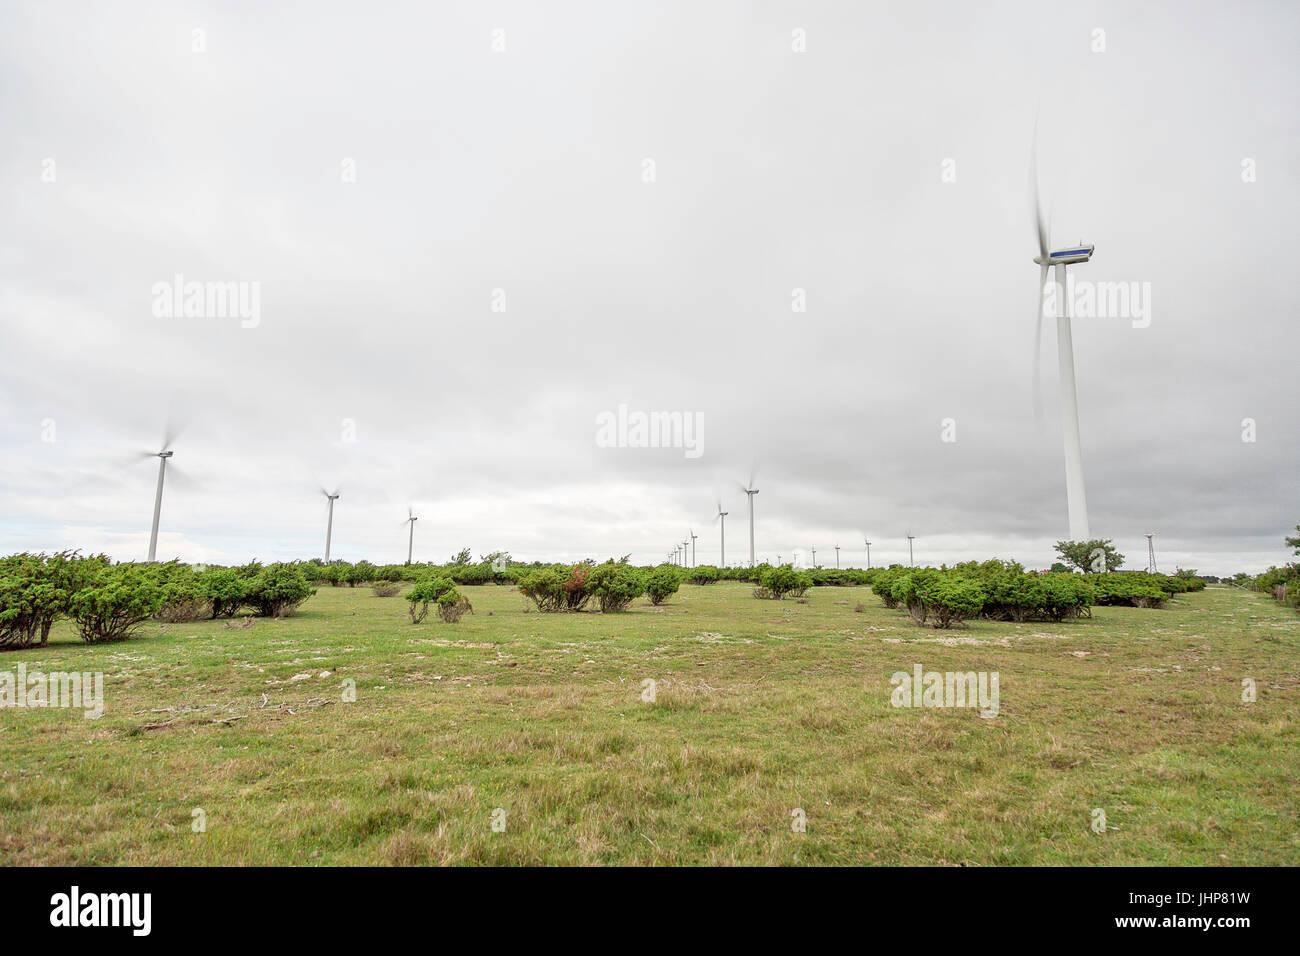 Windkraftanlagen Spinnen im grünen Bereich. Stockbild